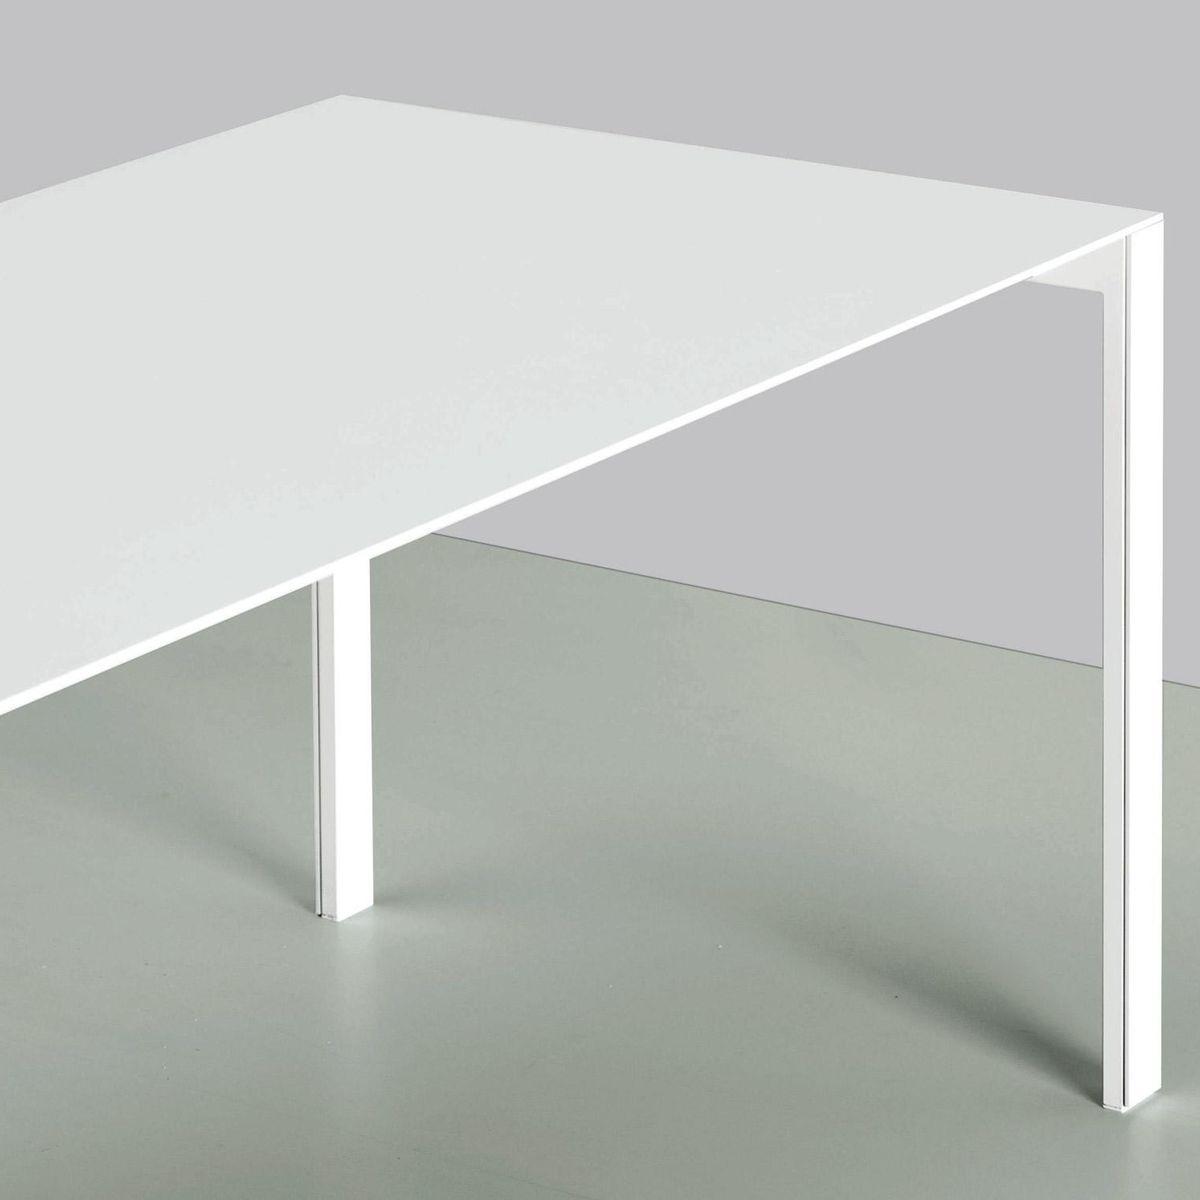 Thin K Aluminium Tisch Ausziehbar Esstisch Stuhle Tisch Und